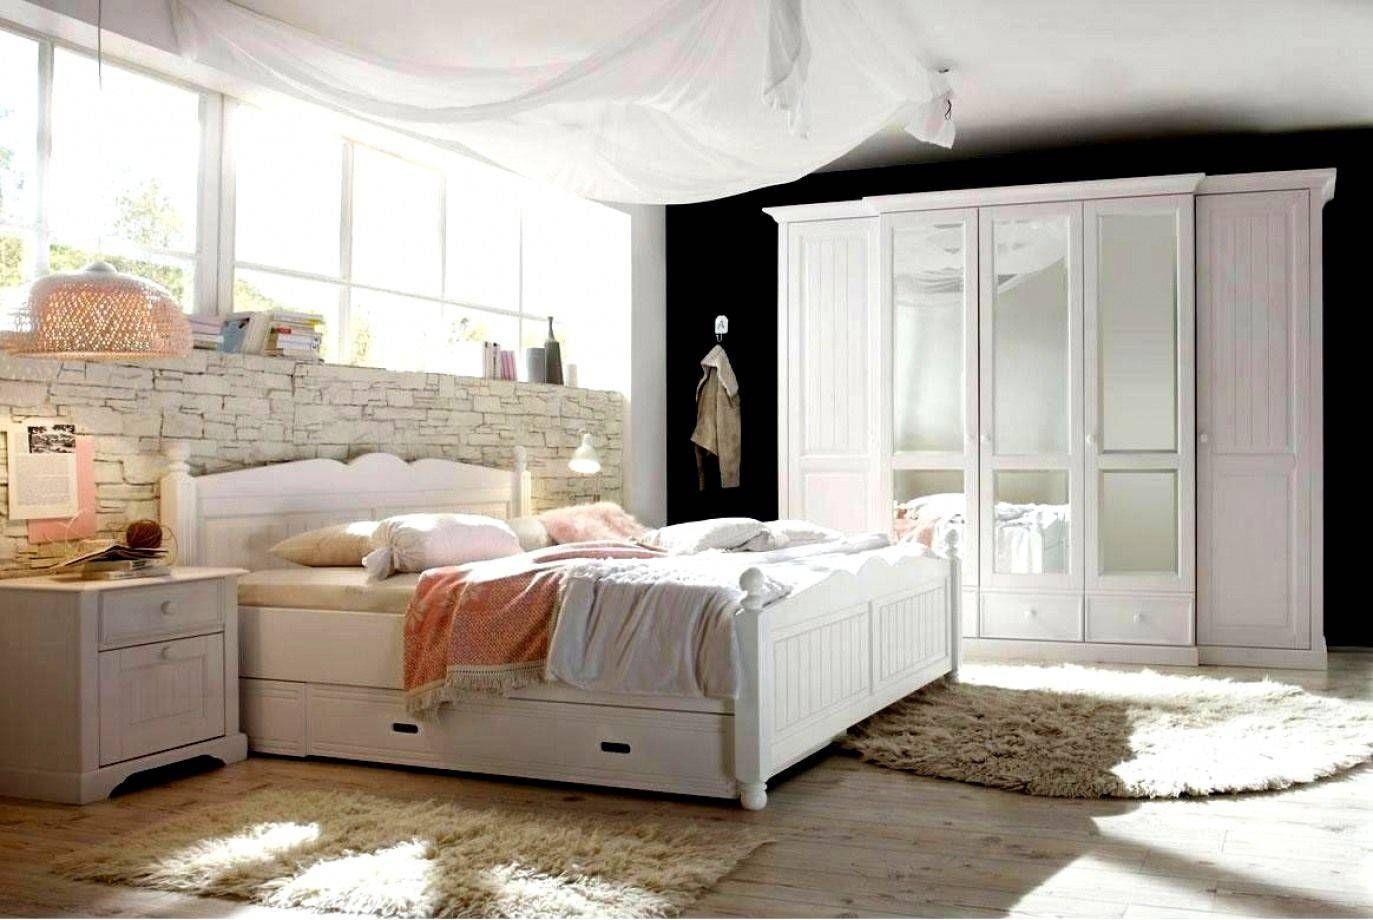 Full Size of Schlafzimmer Komplett Modern Landhaus Ikea White Bedroom Decor Schränke Mit Lattenrost Und Matratze Modernes Bett Lampe Günstige überbau Deckenlampen Wohnzimmer Schlafzimmer Komplett Modern